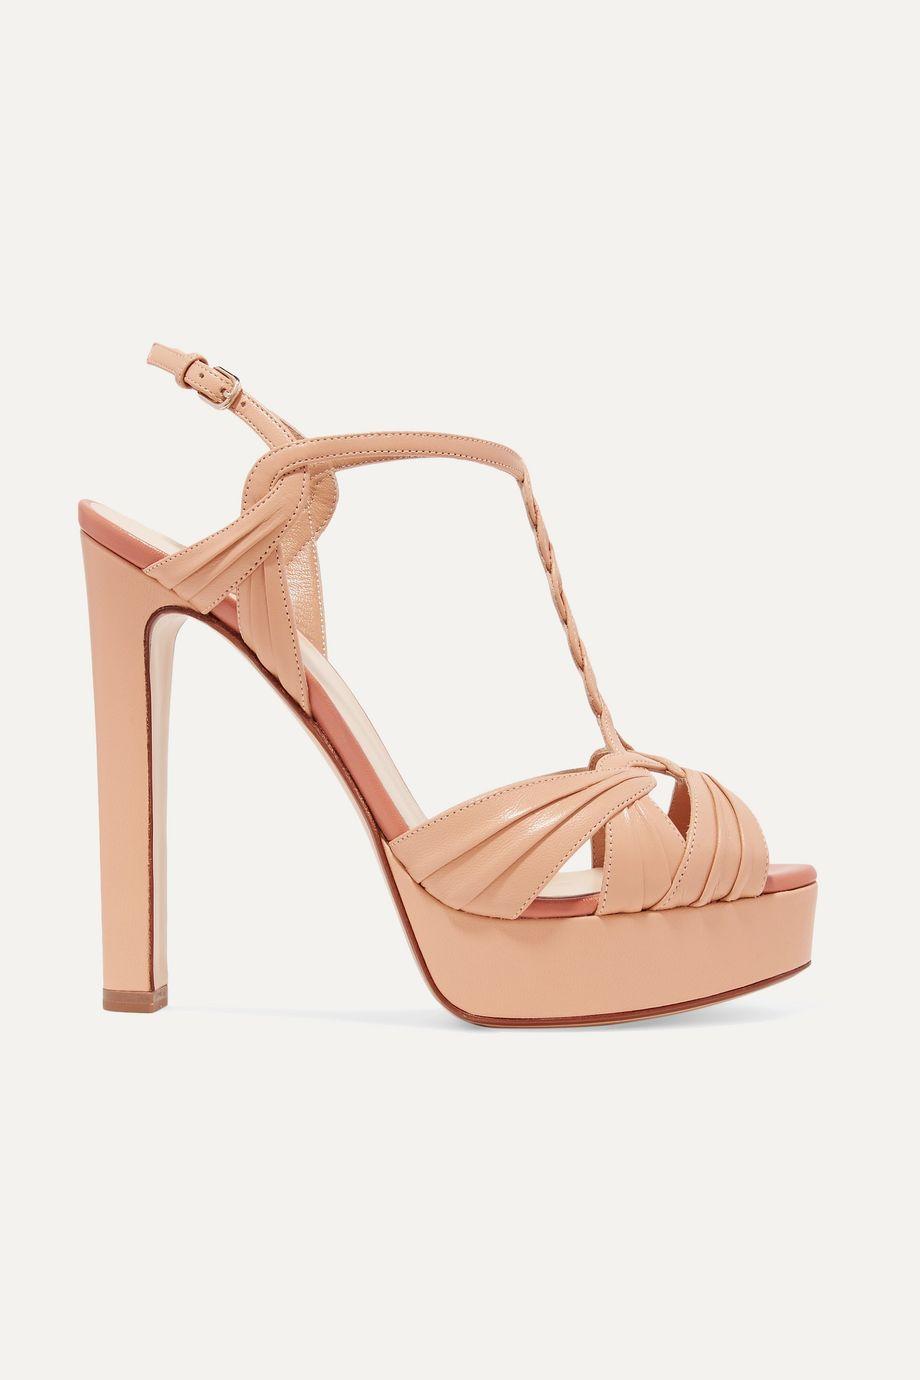 francesco russo shoes sale